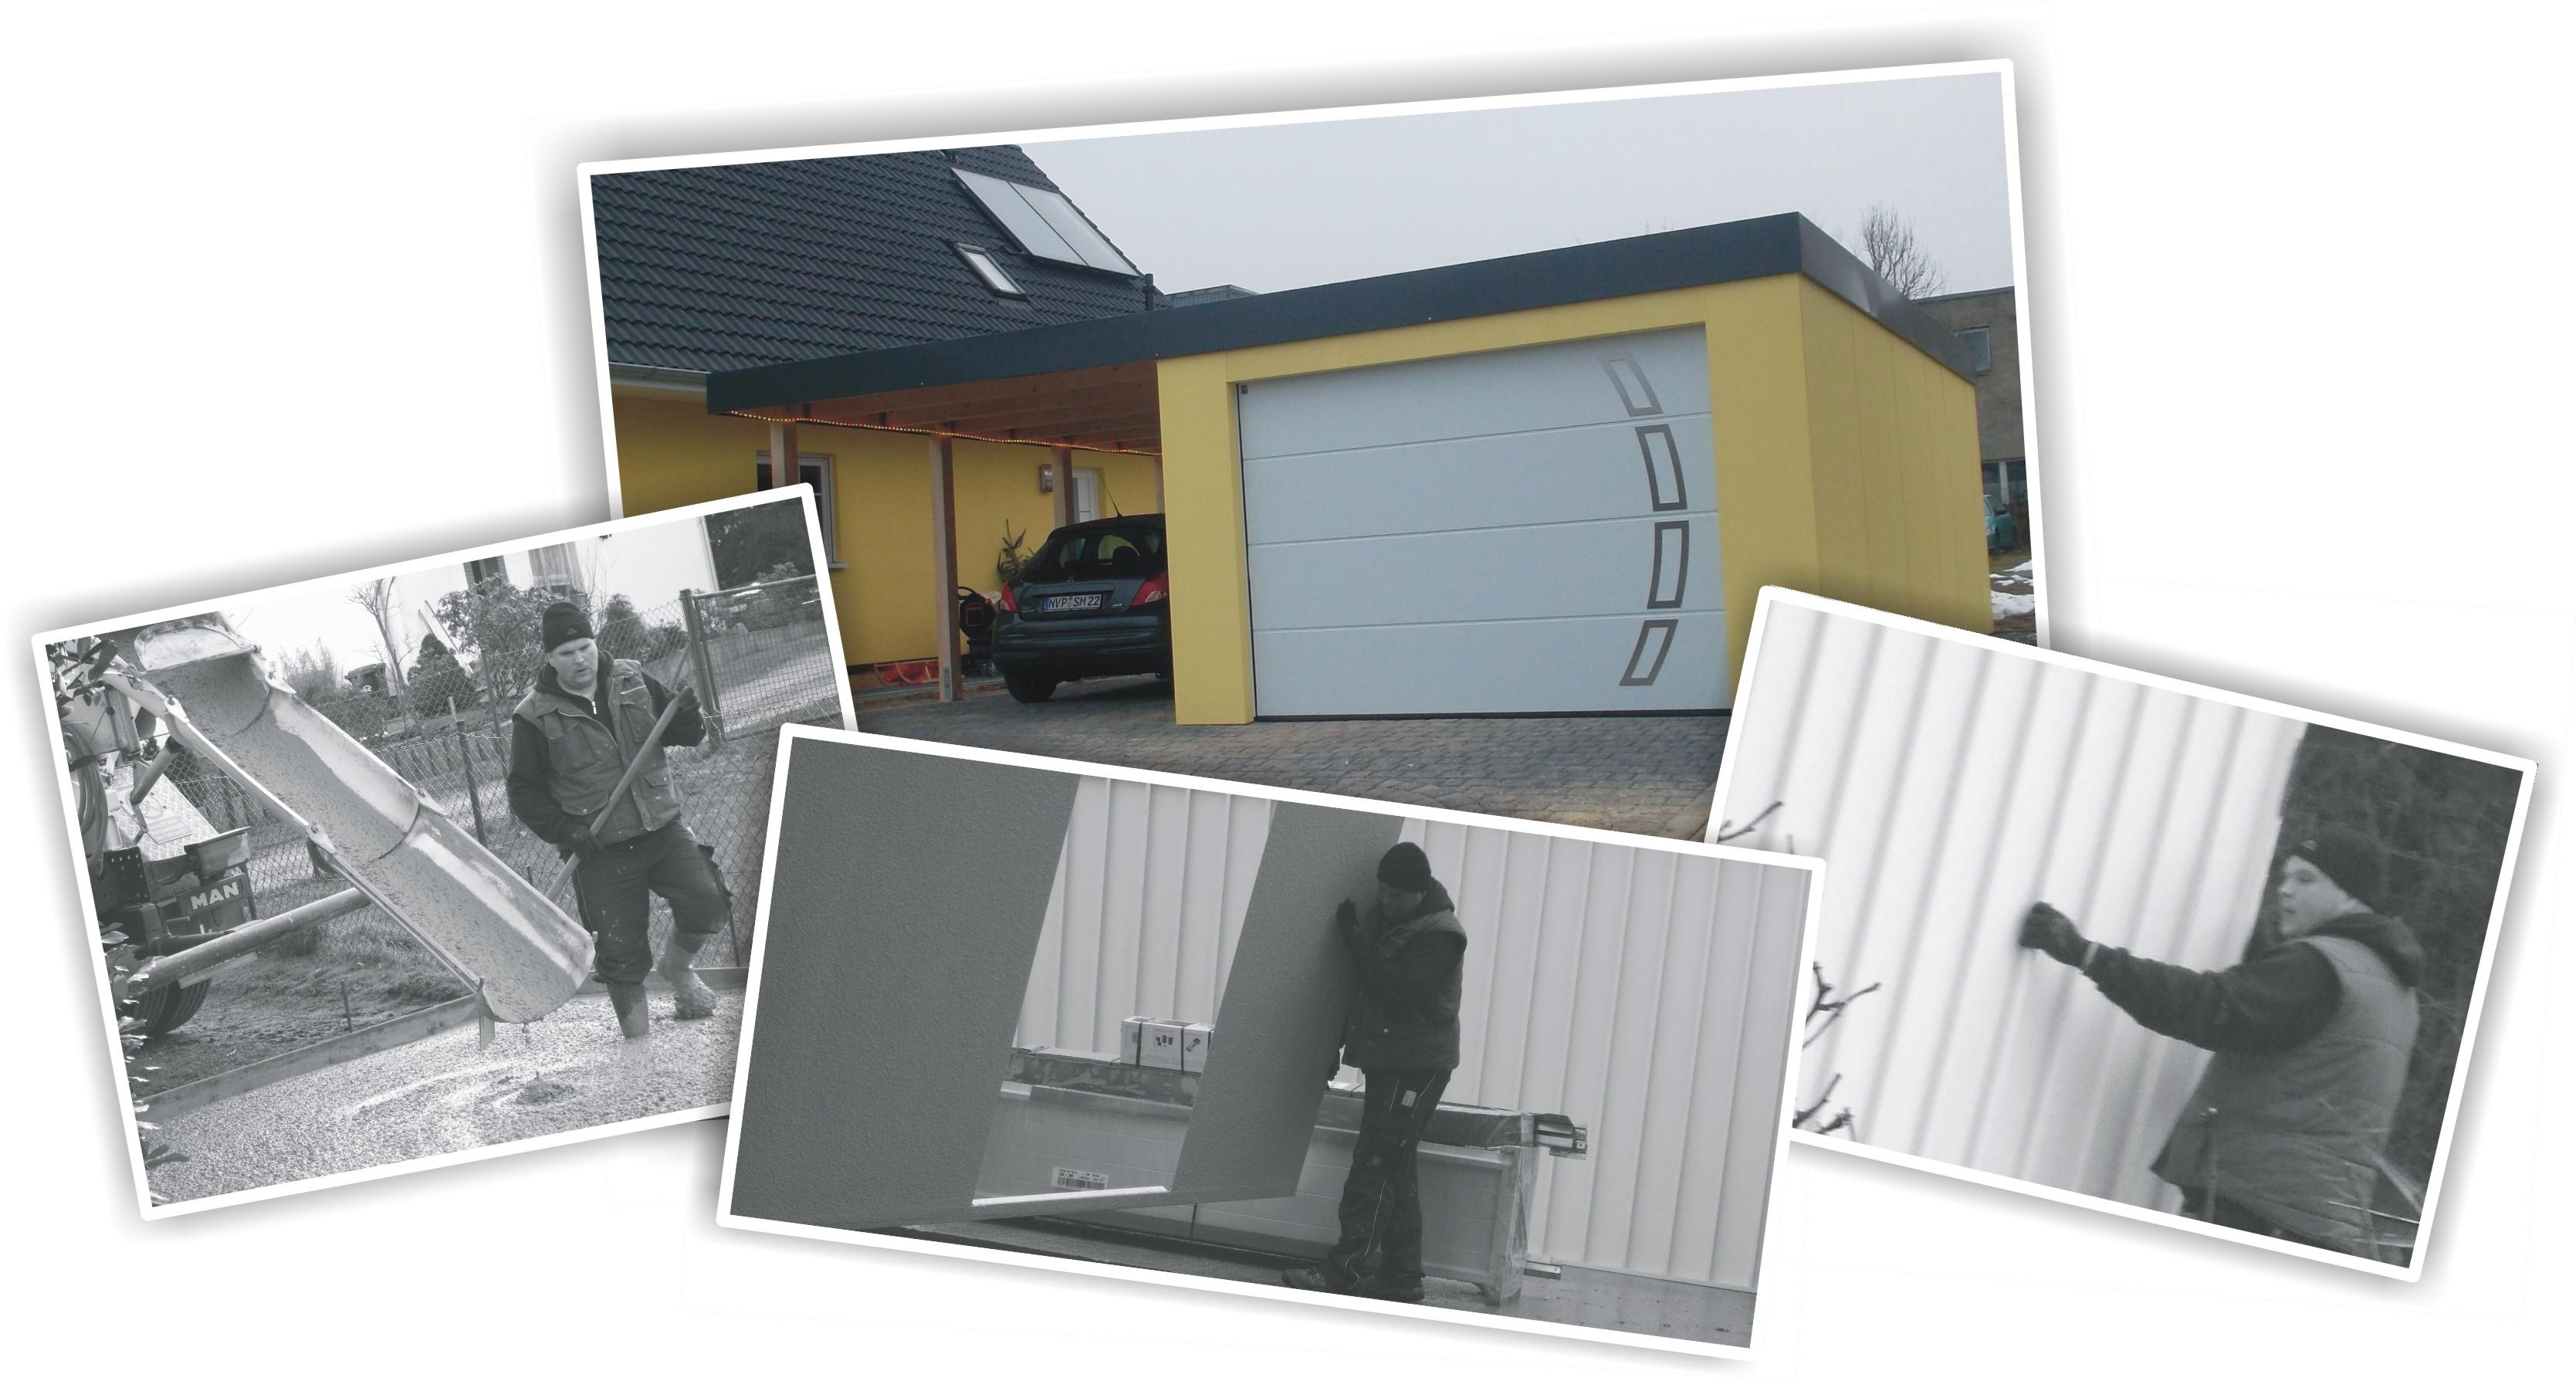 montage und aufbau von garagen fertiggaragen carports. Black Bedroom Furniture Sets. Home Design Ideas